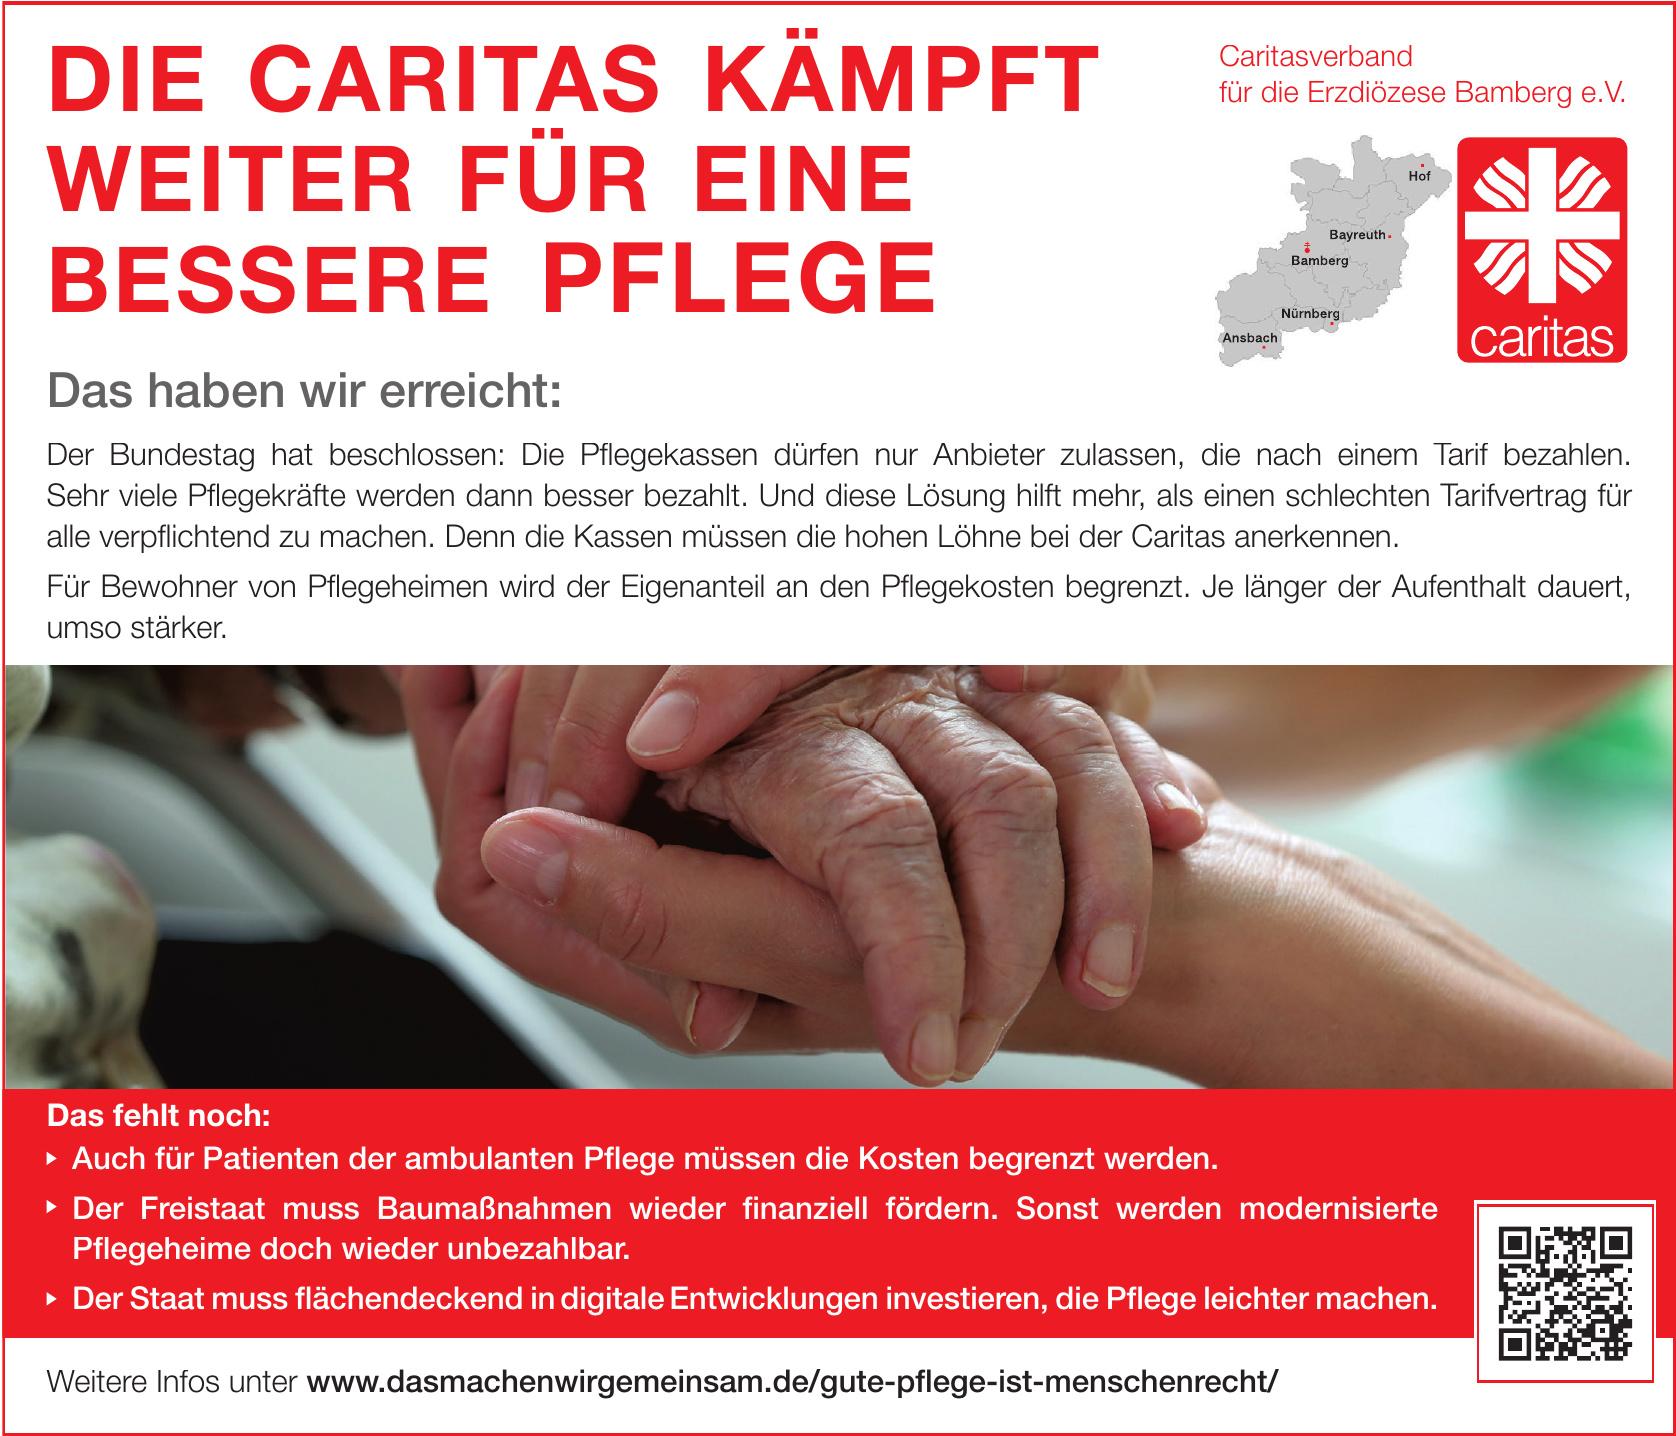 Caritasverband für die Erzdiözese Bamberg e.V